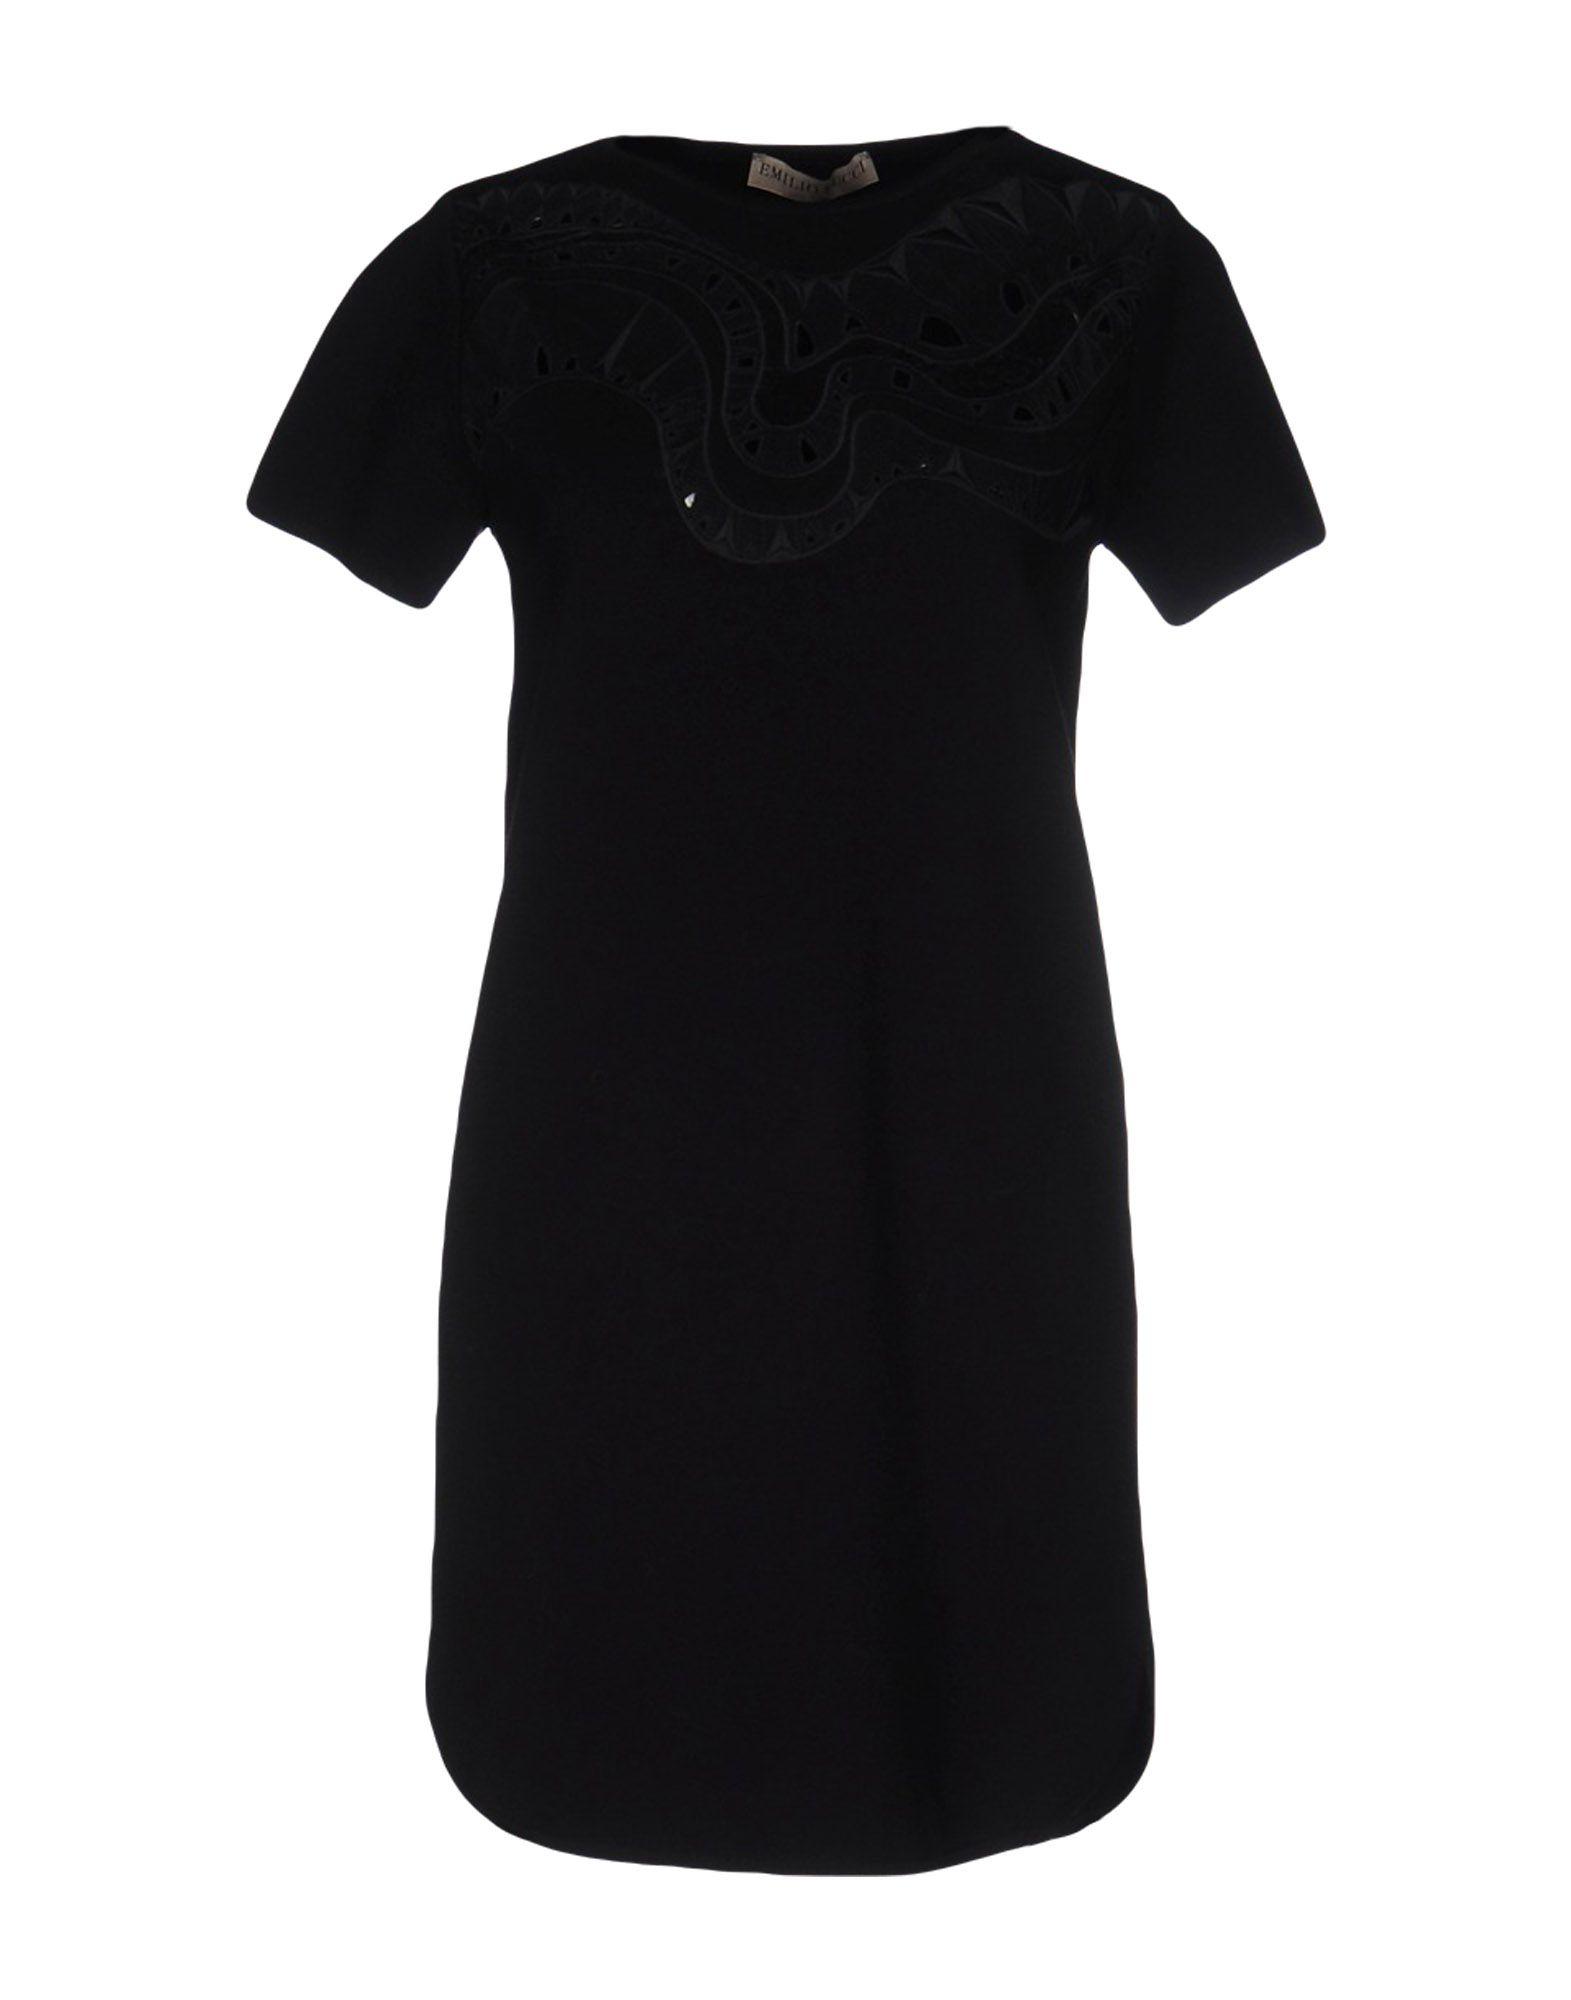 EMILIO PUCCI Damen Kurzes Kleid Farbe Schwarz Größe 5